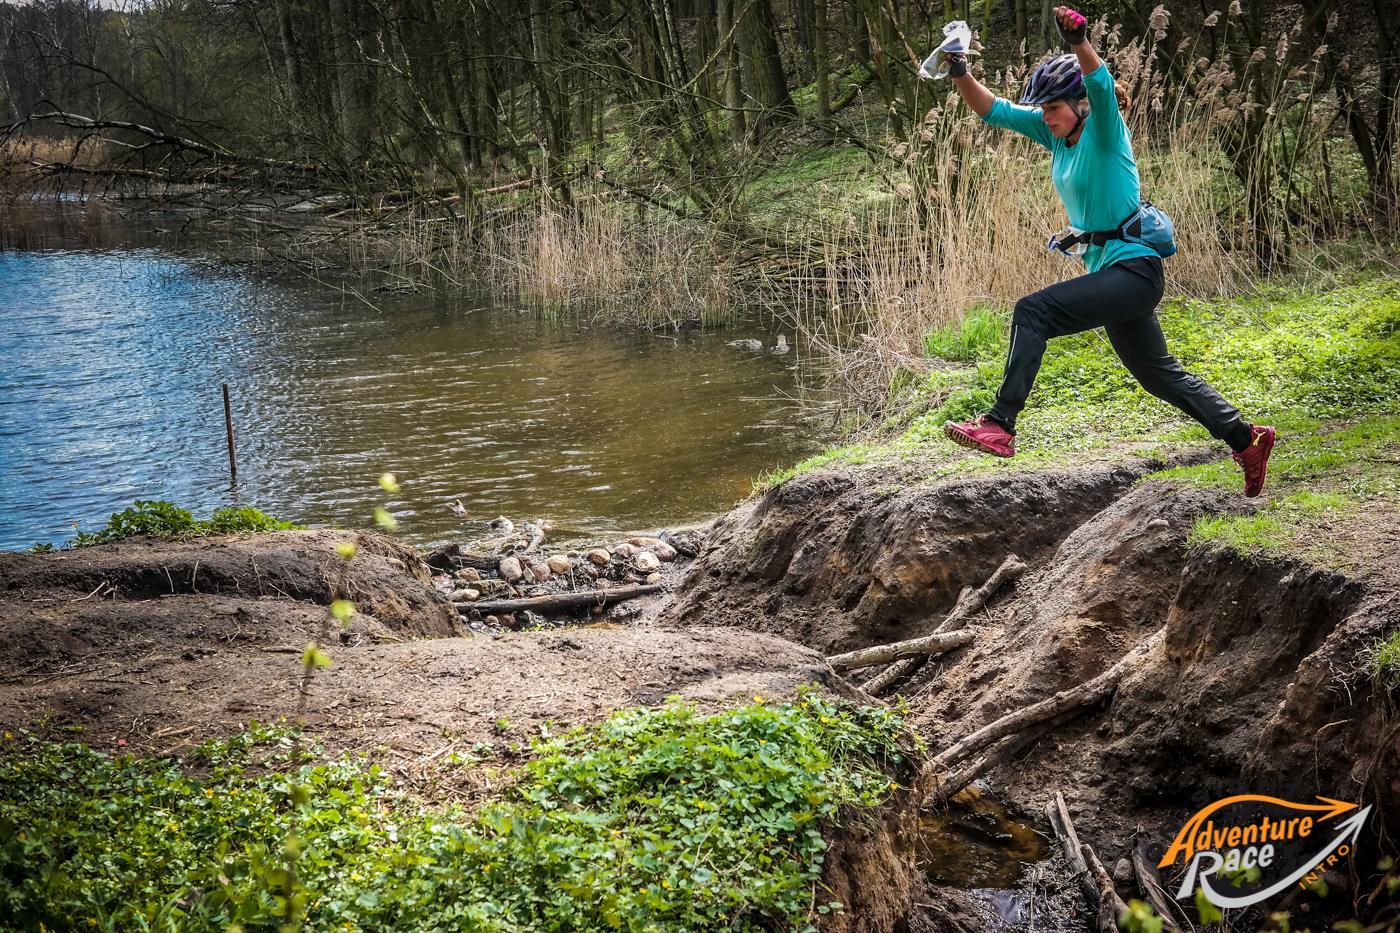 On-Sight Intro 2016 na 60-kilometrowej trasie w Puszczy Zielonce koło Poznania. Zawody odbyły się 16 kwietnia 2016. Fot. Stanisław Ritter